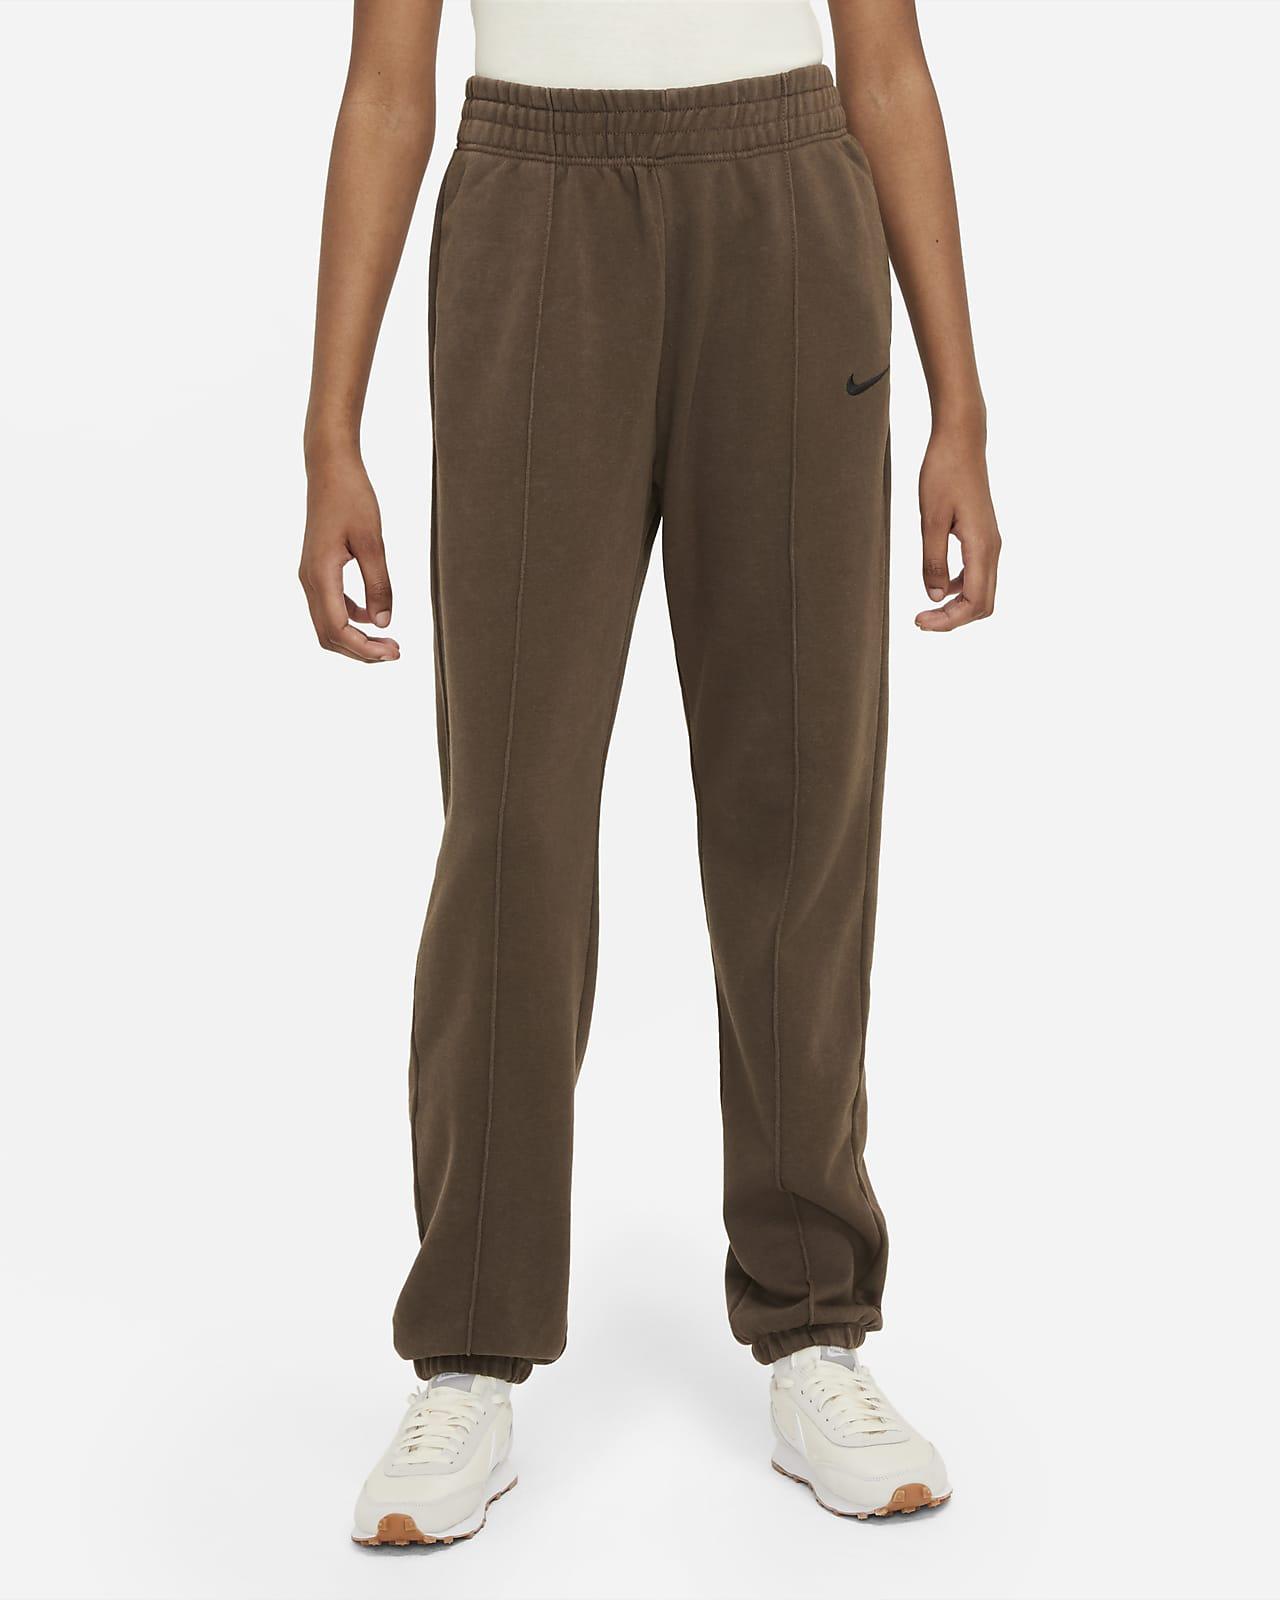 Pantalon en tissu Fleece délavé Nike Sportswear Essential Collection pour Femme